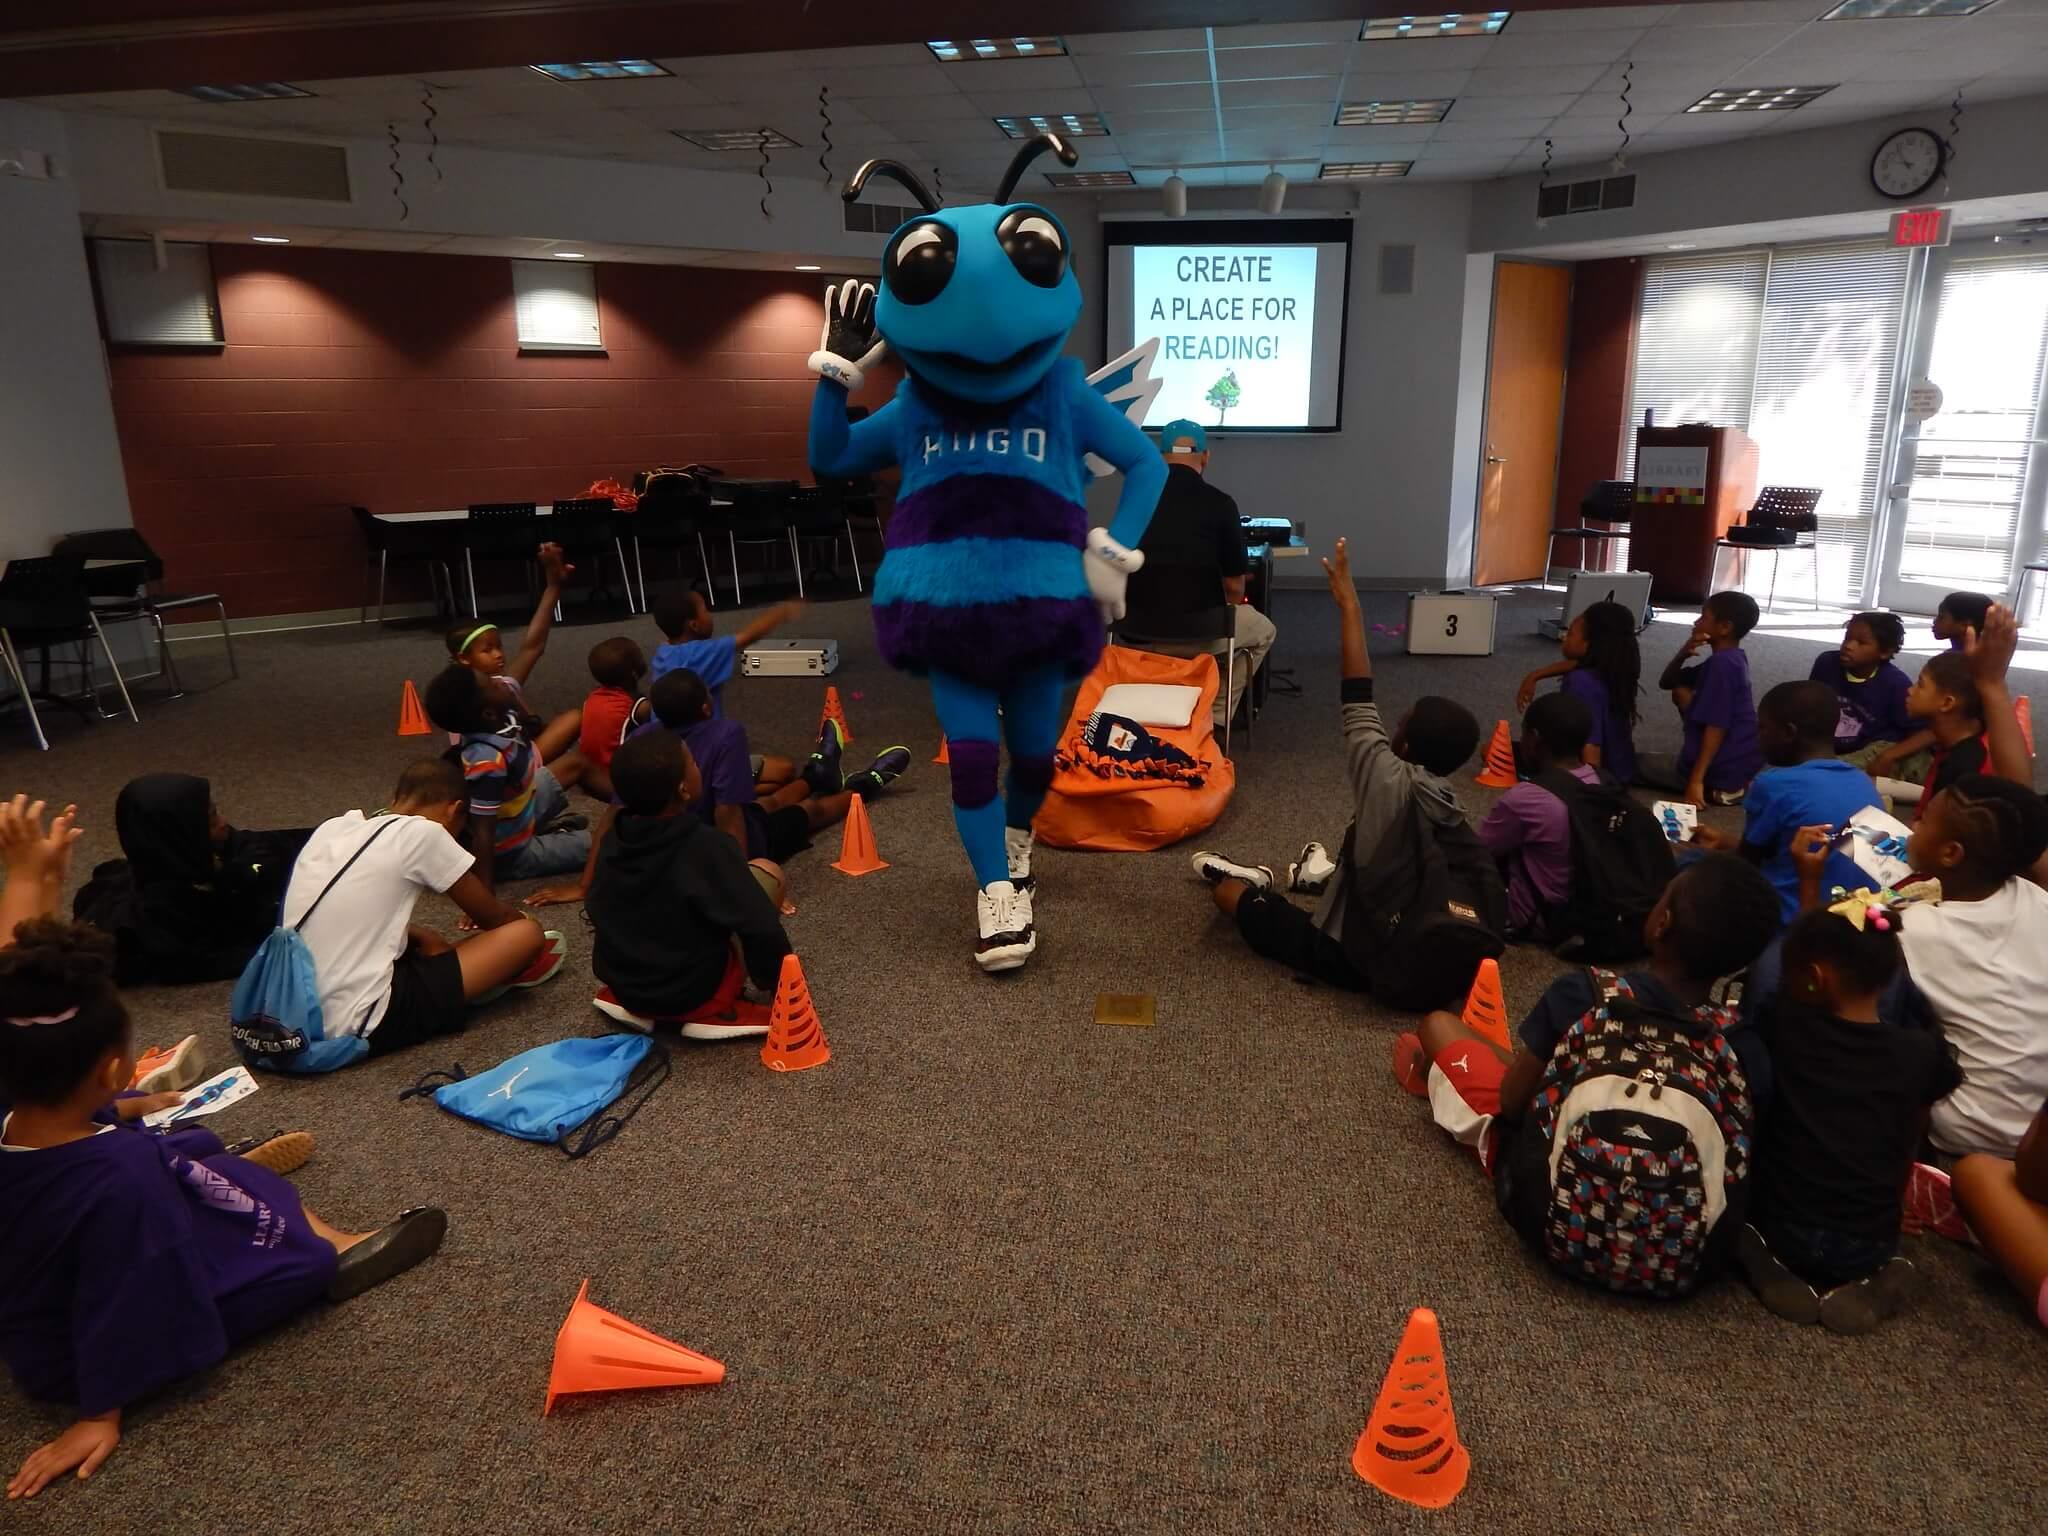 Hugo Charlotte Hornets mascot